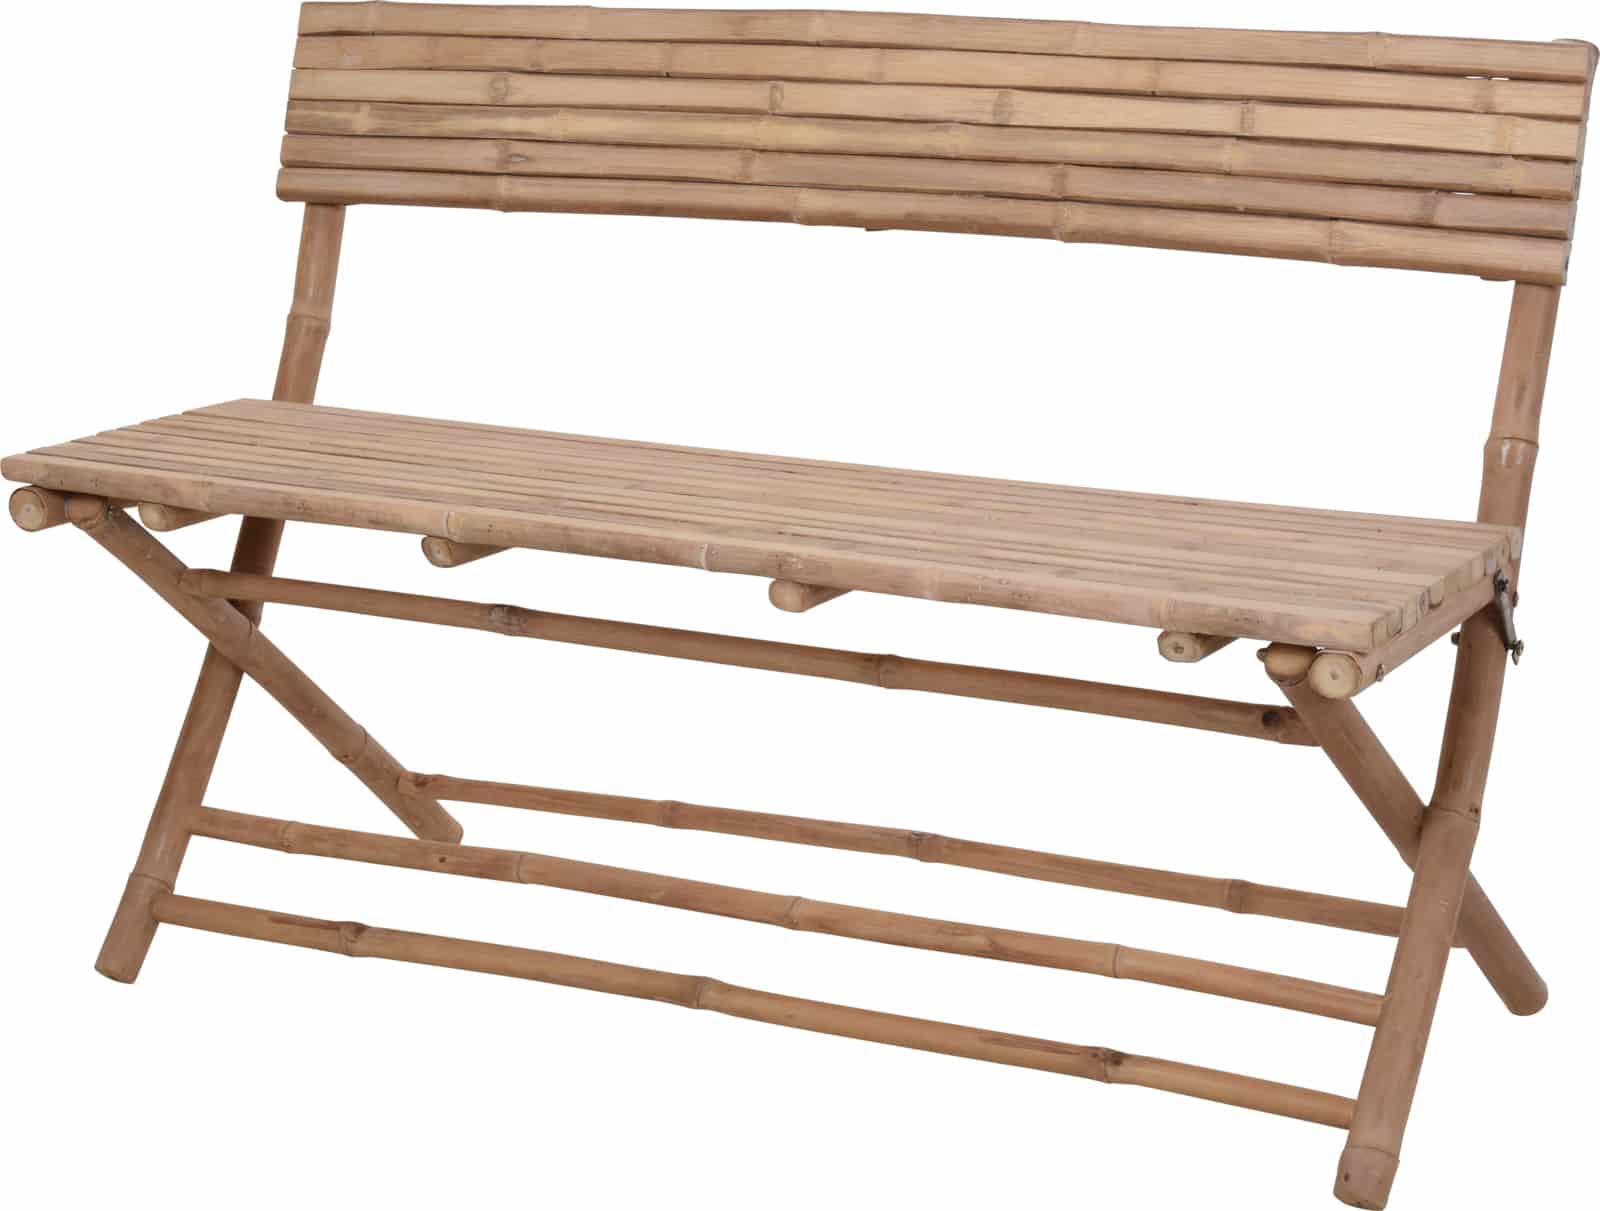 4goodz Tuinbank bamboe 120x80x45cm - Voor binnen en buiten gebruik